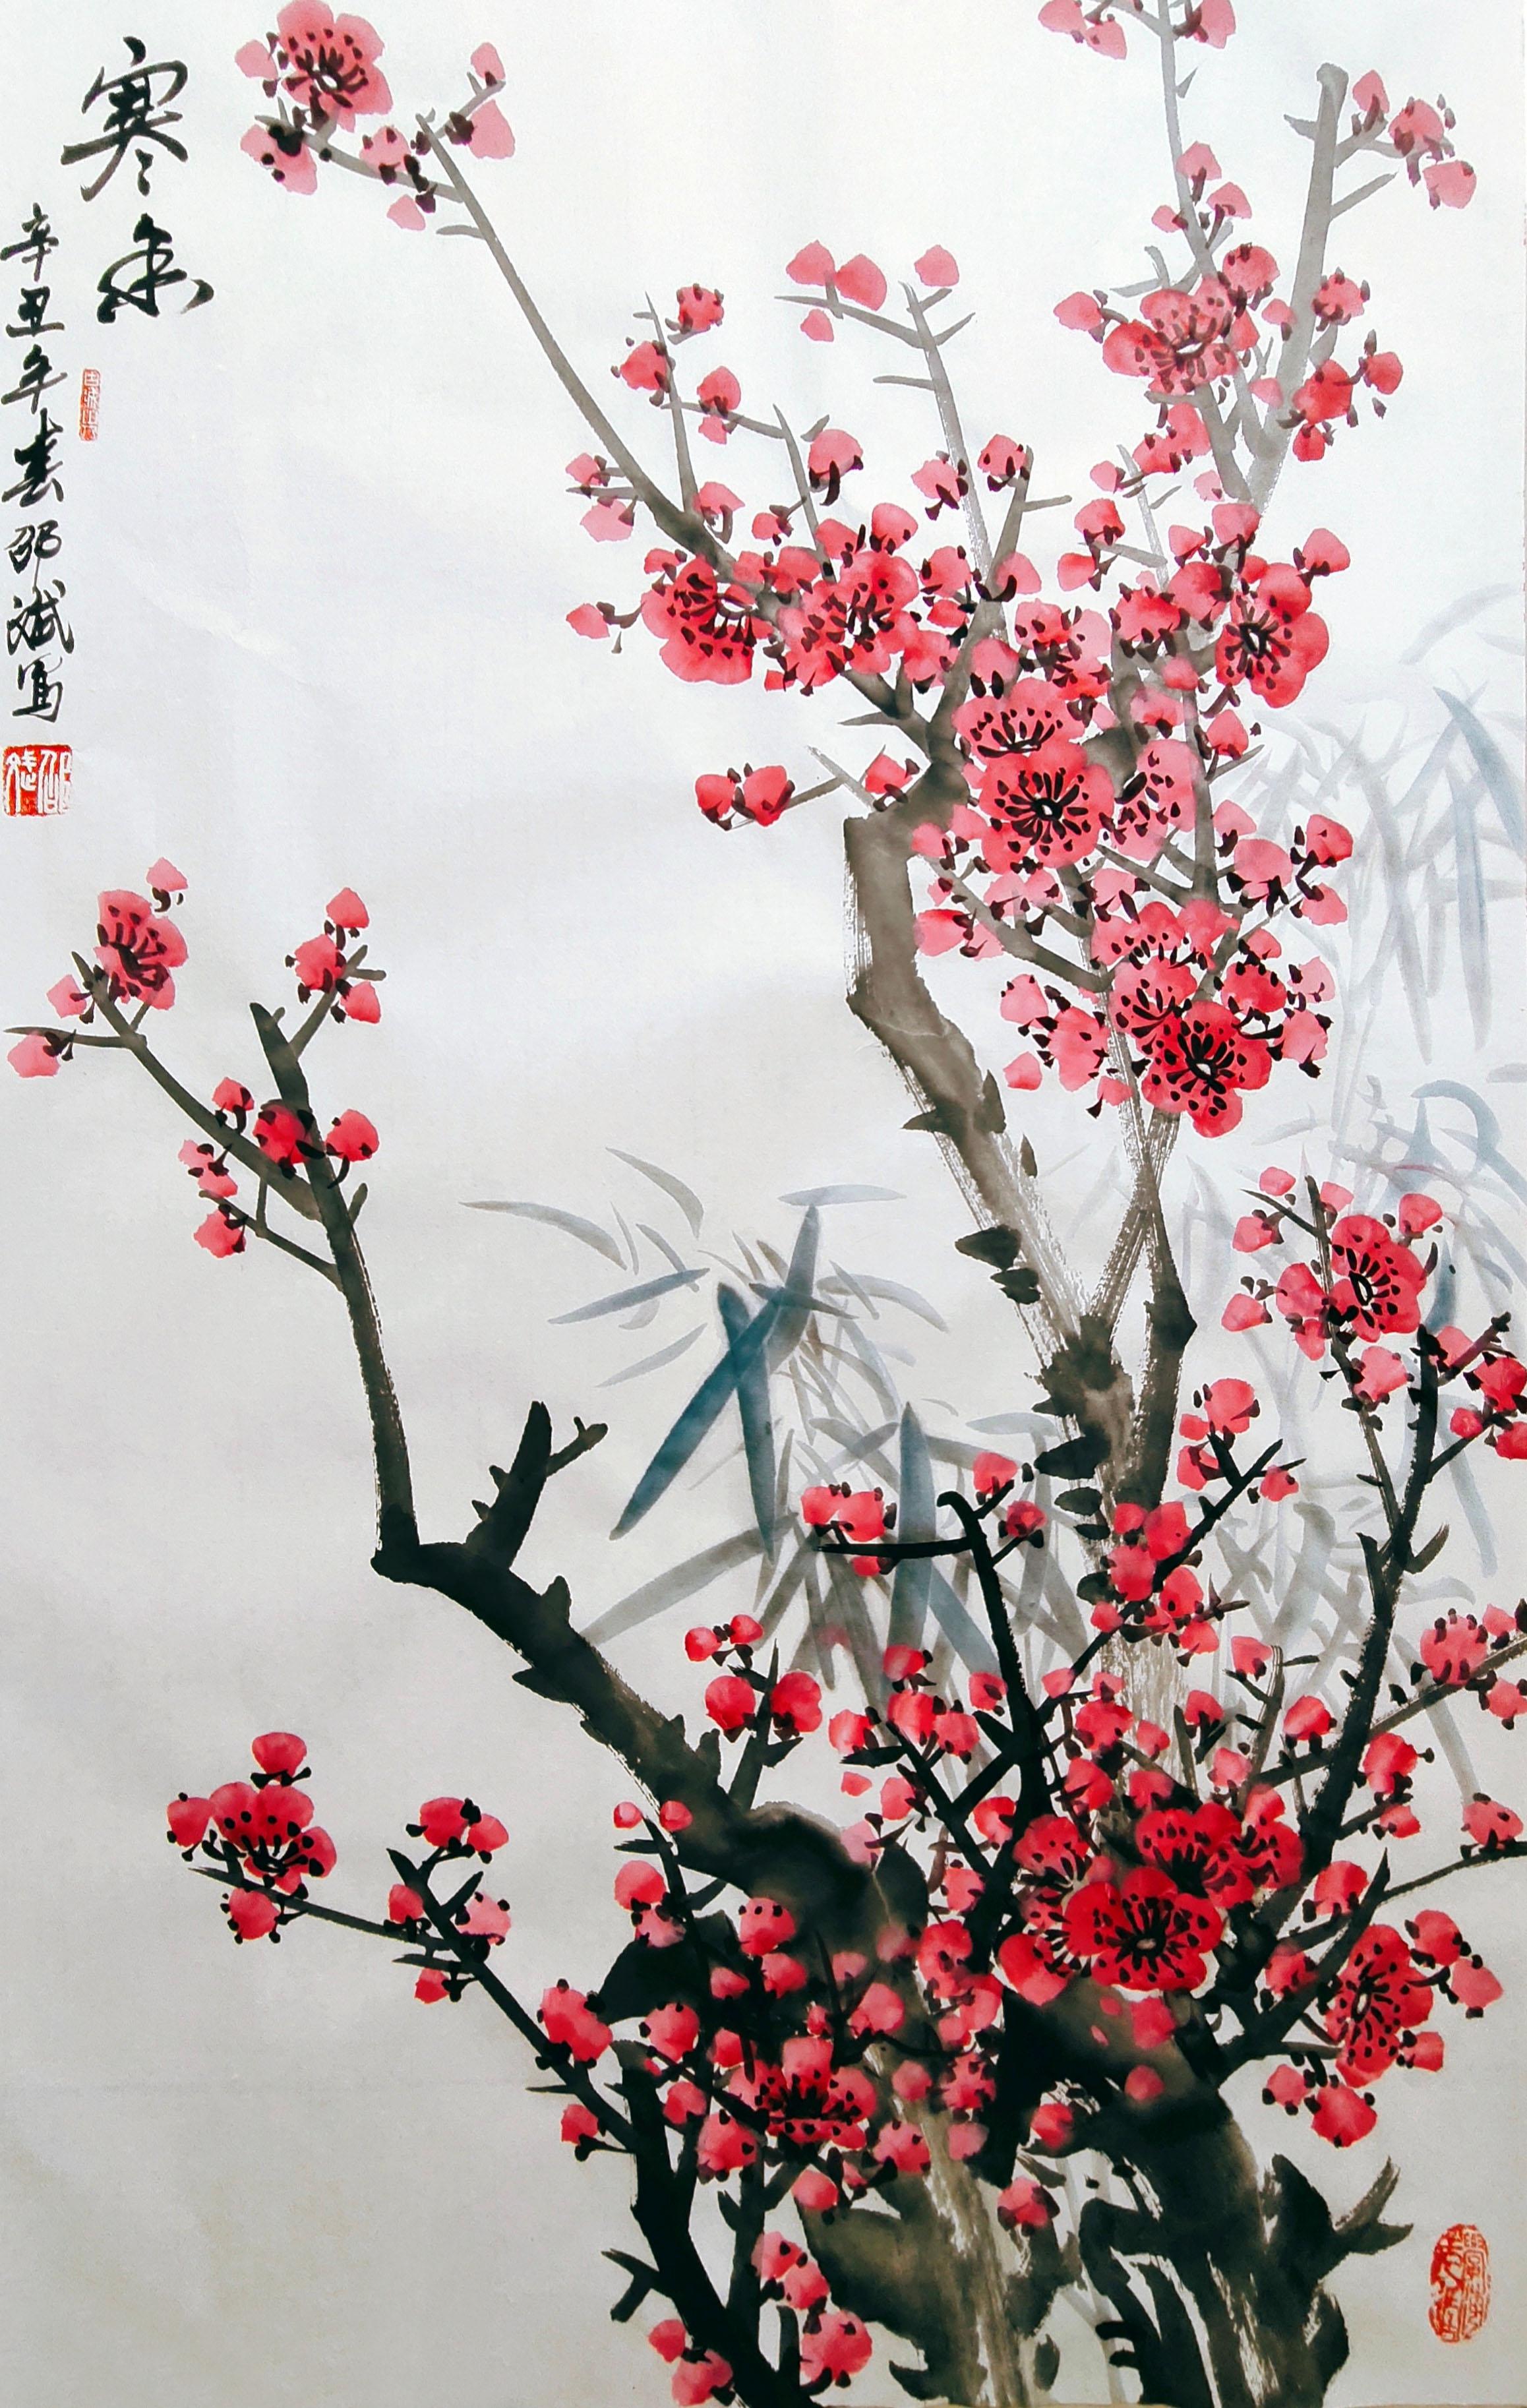 寒香 梅花国画欣赏 辛丑年春月创作